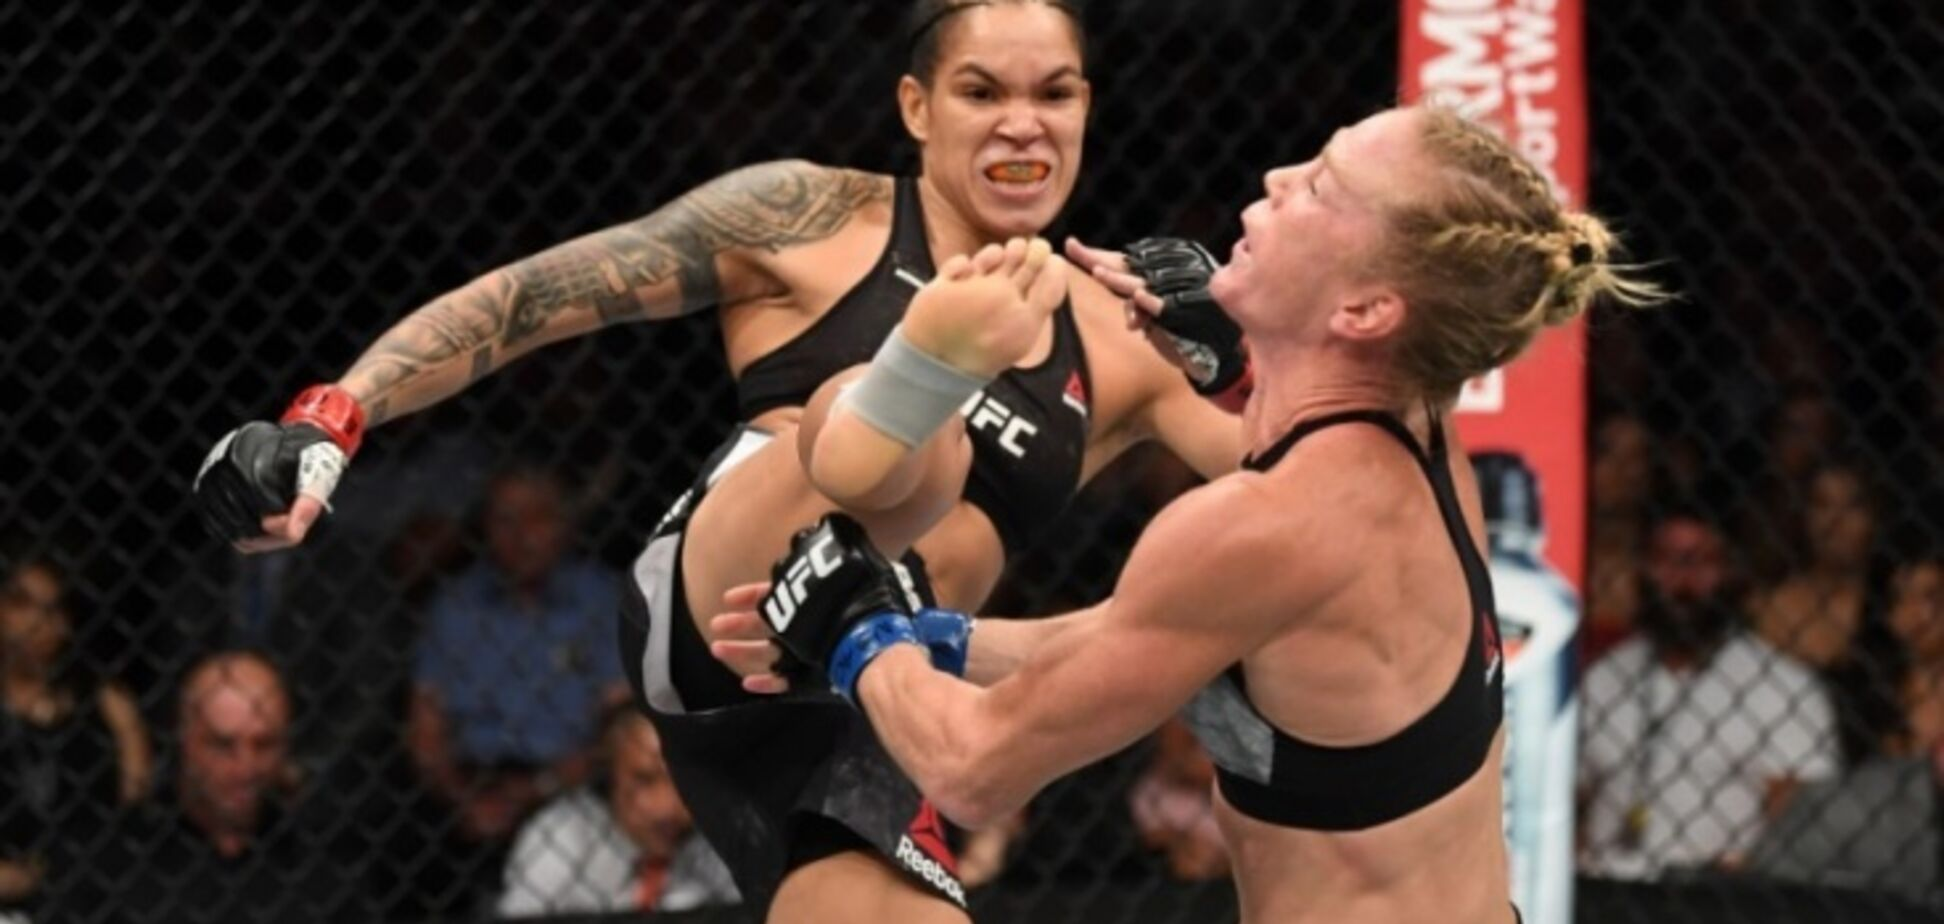 З ноги в голову: чемпіонка UFC перемогла жахливим нокаутом